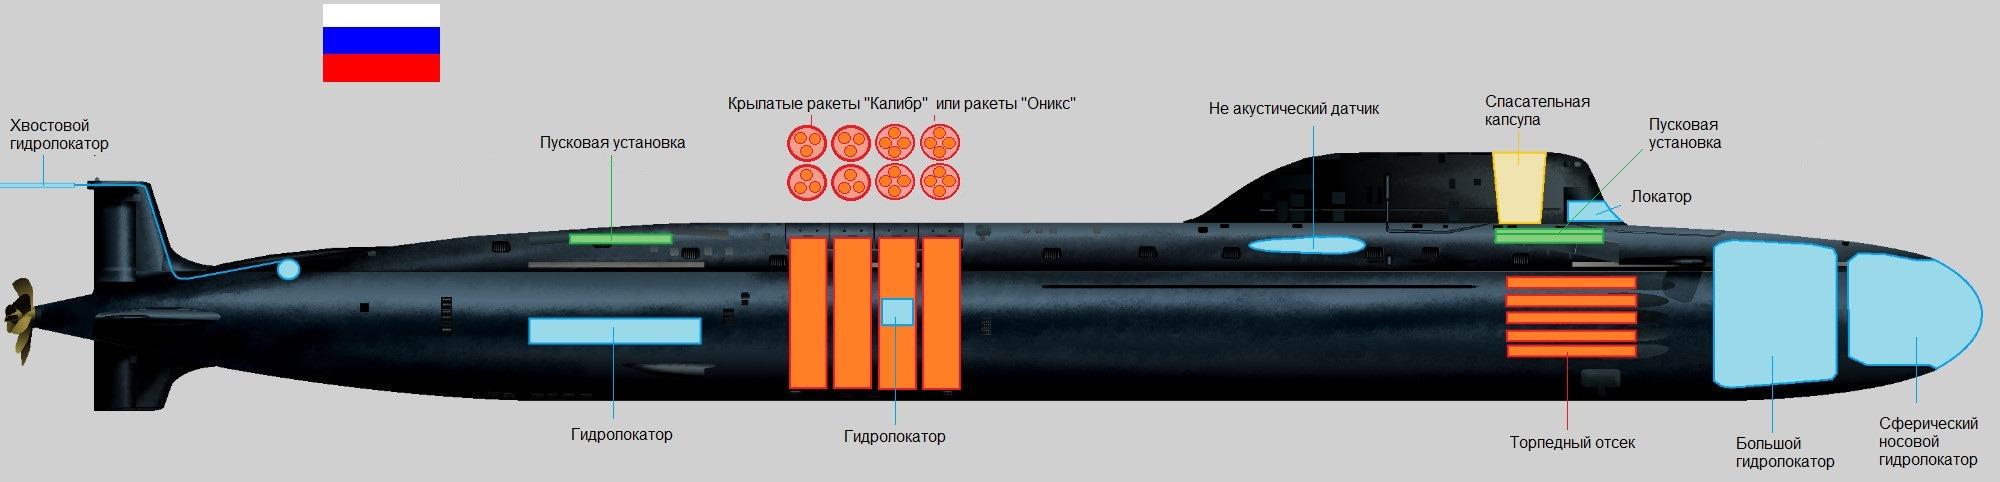 885 Yasen denizaltı